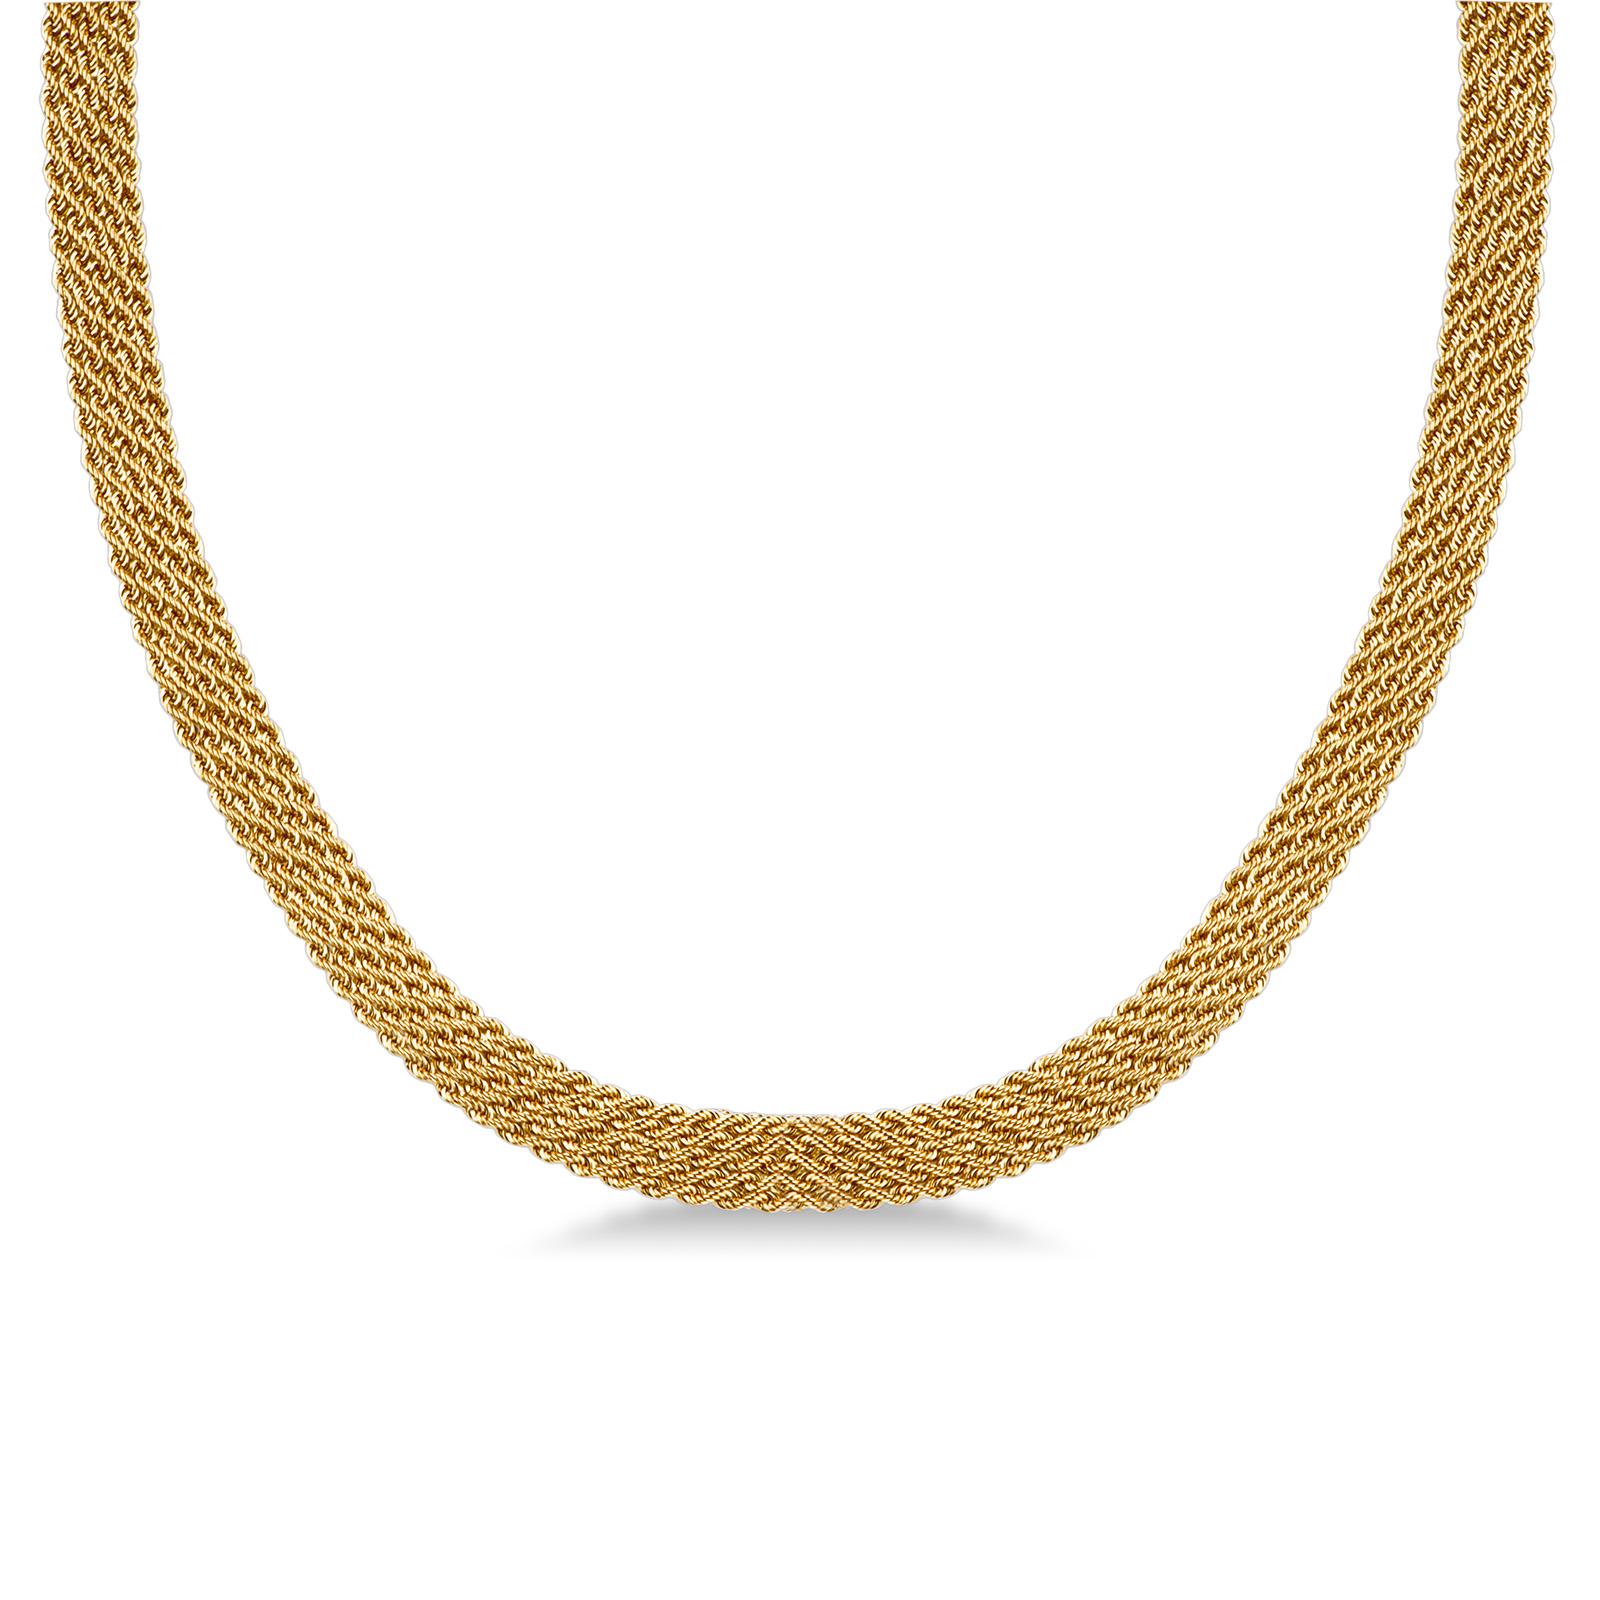 Collana a maglia intrecciata morbida in oro giallo 18kt.